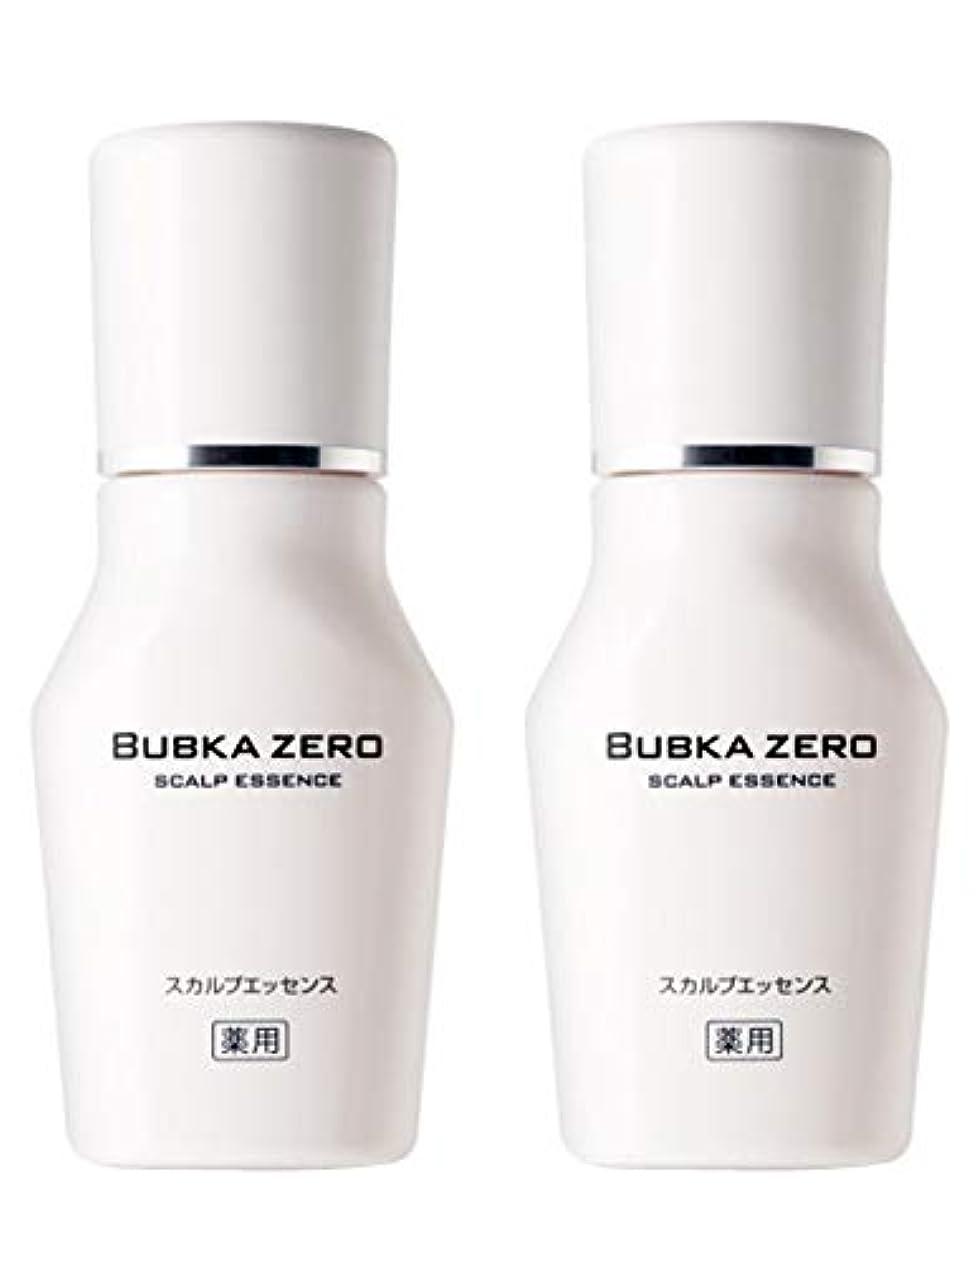 【医薬部外品】BUBKA(ブブカ)薬用 スカルプエッセンス 育毛剤 BUBKA ZERO (ブブカ ゼロ)2本セット